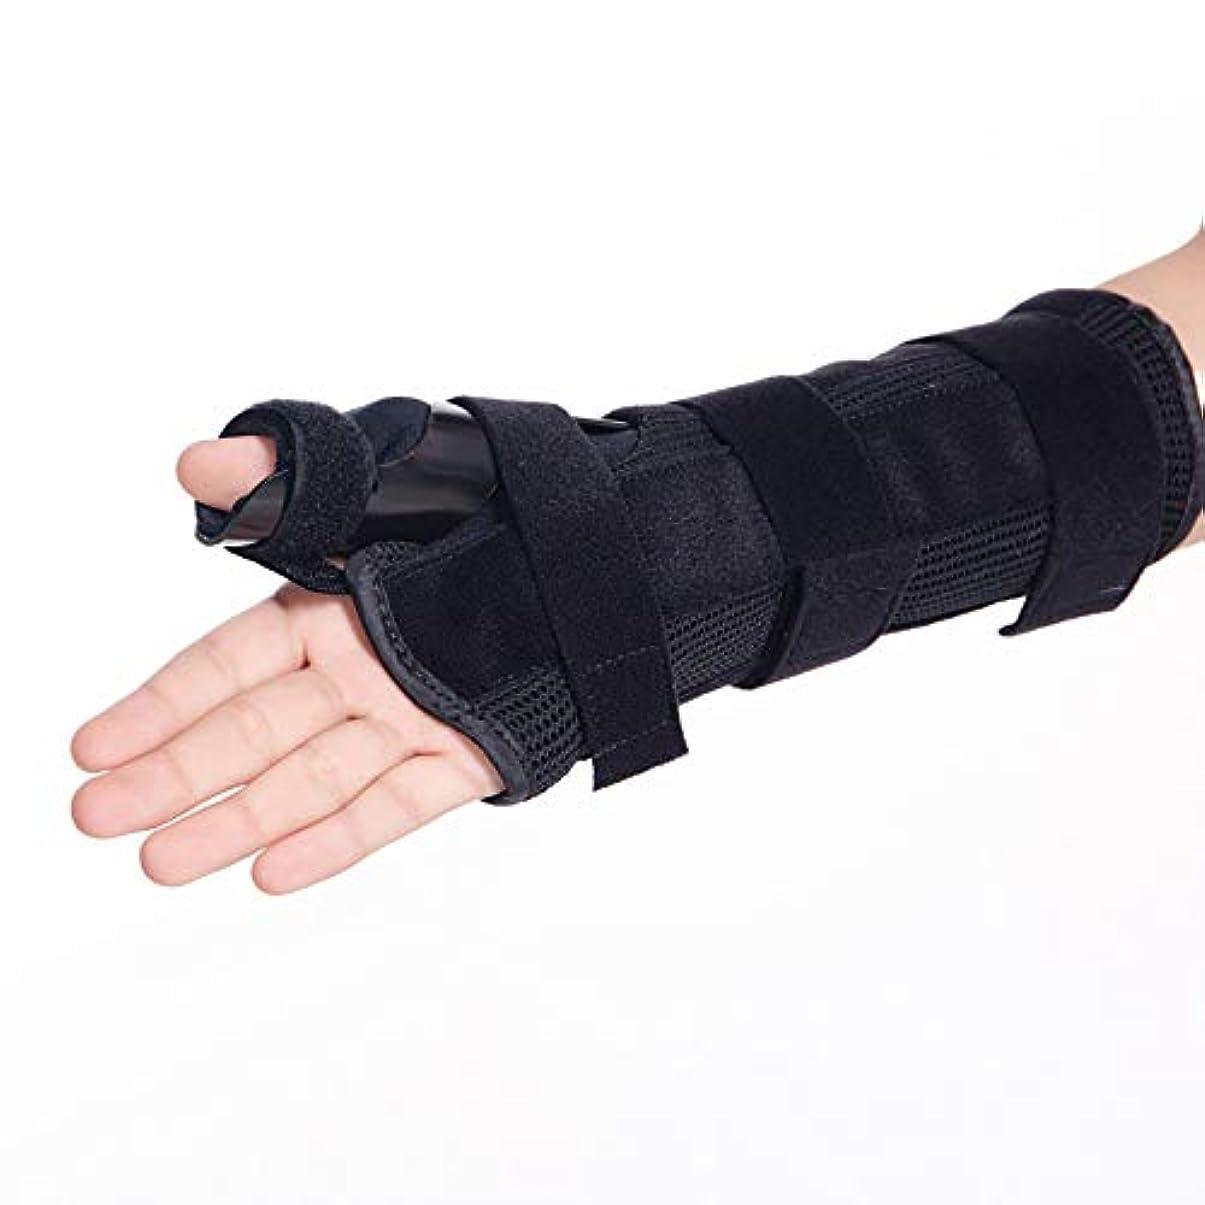 ママレコーダー落とし穴指サポート手根管ナイト手首スプリントサポートイモビライザー指手首骨折固定腱炎、関節炎&捻挫前腕サポートキャスト